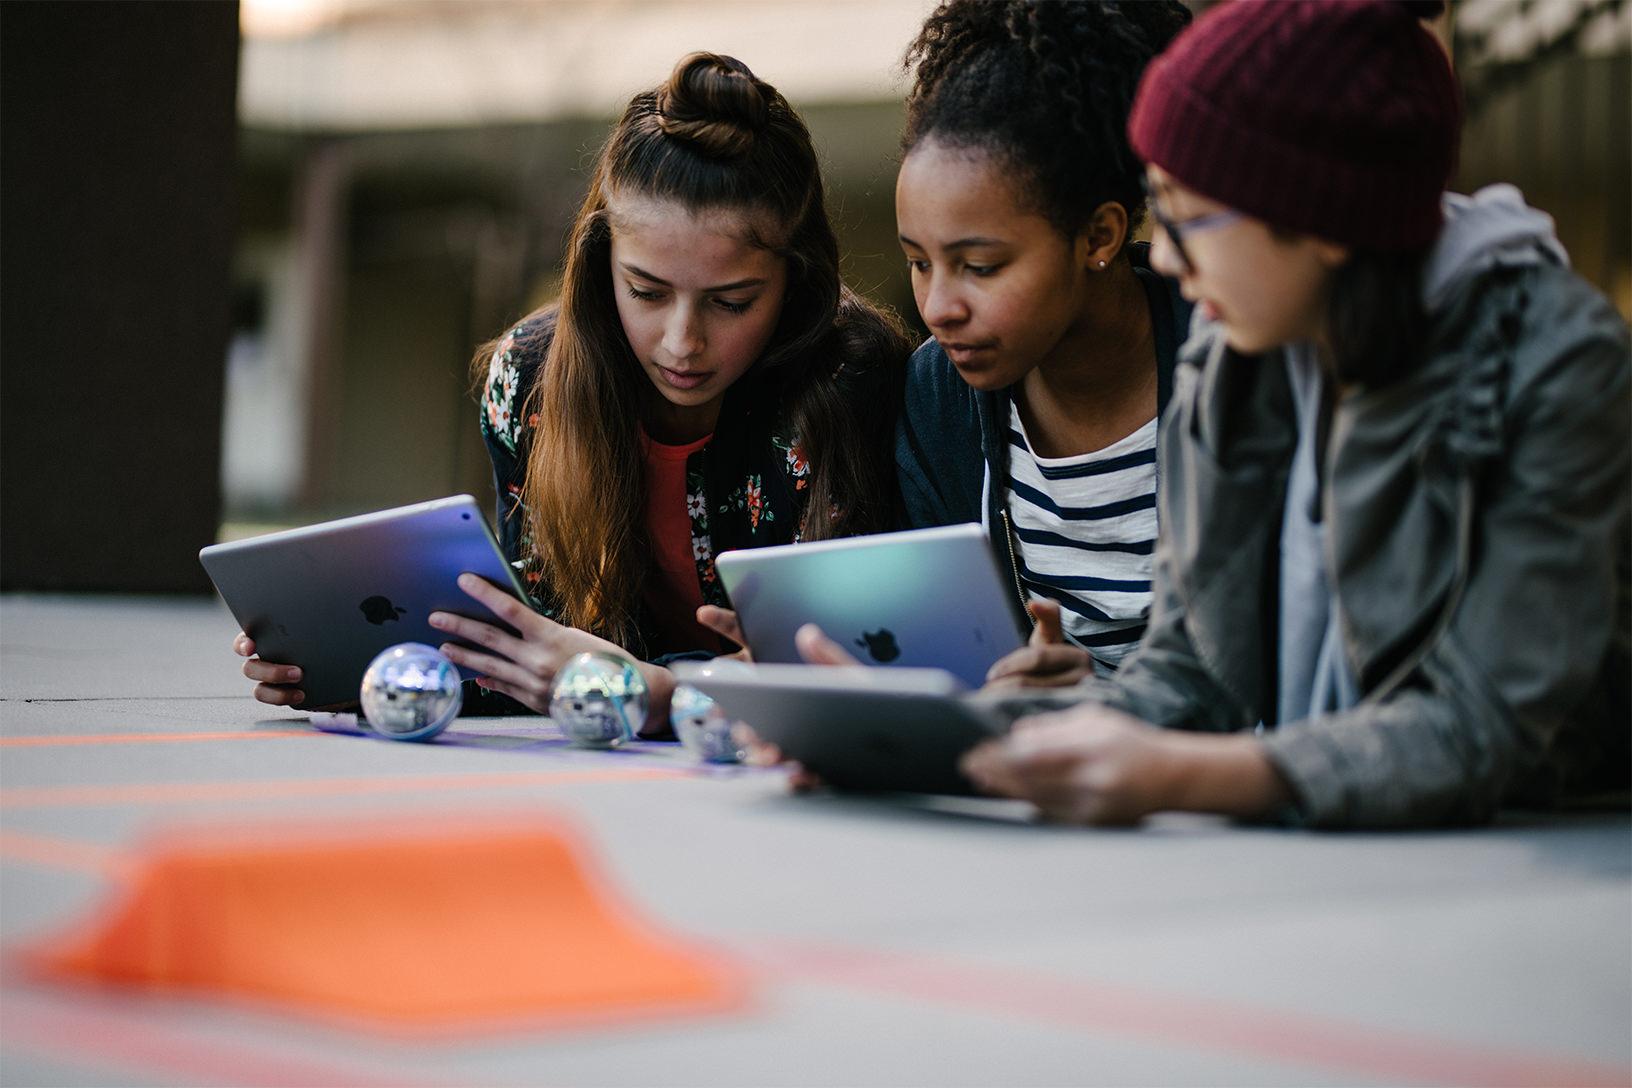 Computer Science Education Week coding sphero 11262018